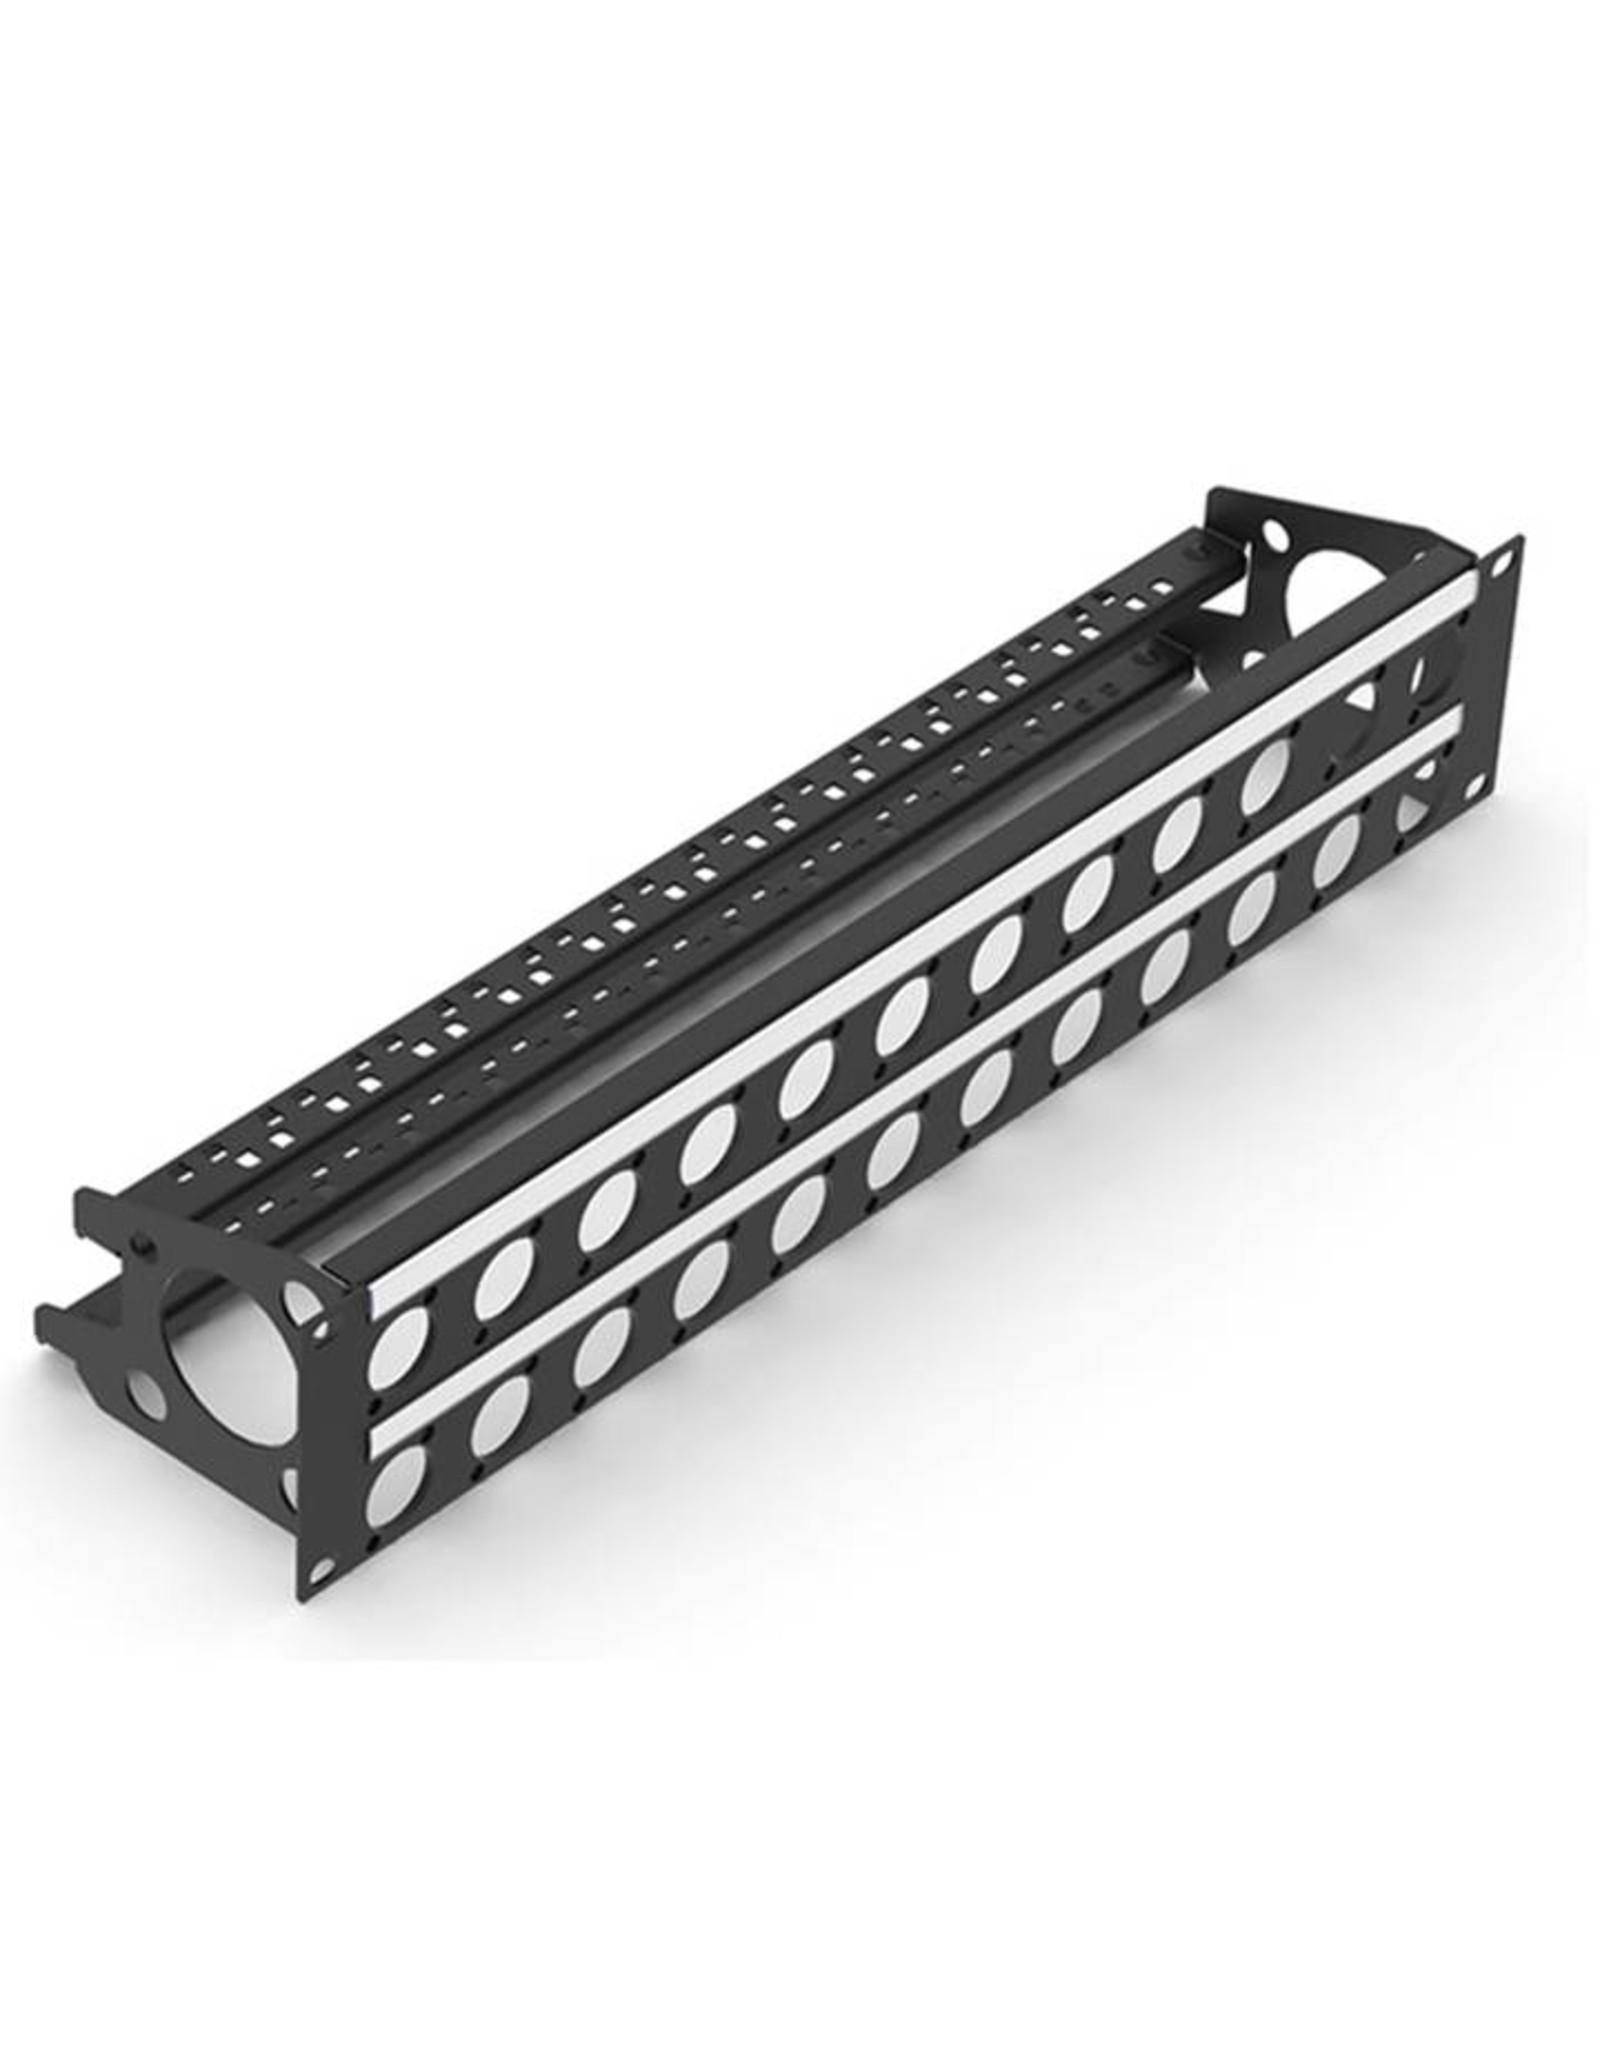 Penn Elcom Penn Elcom frontplaat, 32 gaten Neutrik D, voor MDLX-serie, staal, 2 HE, met kabelsupport